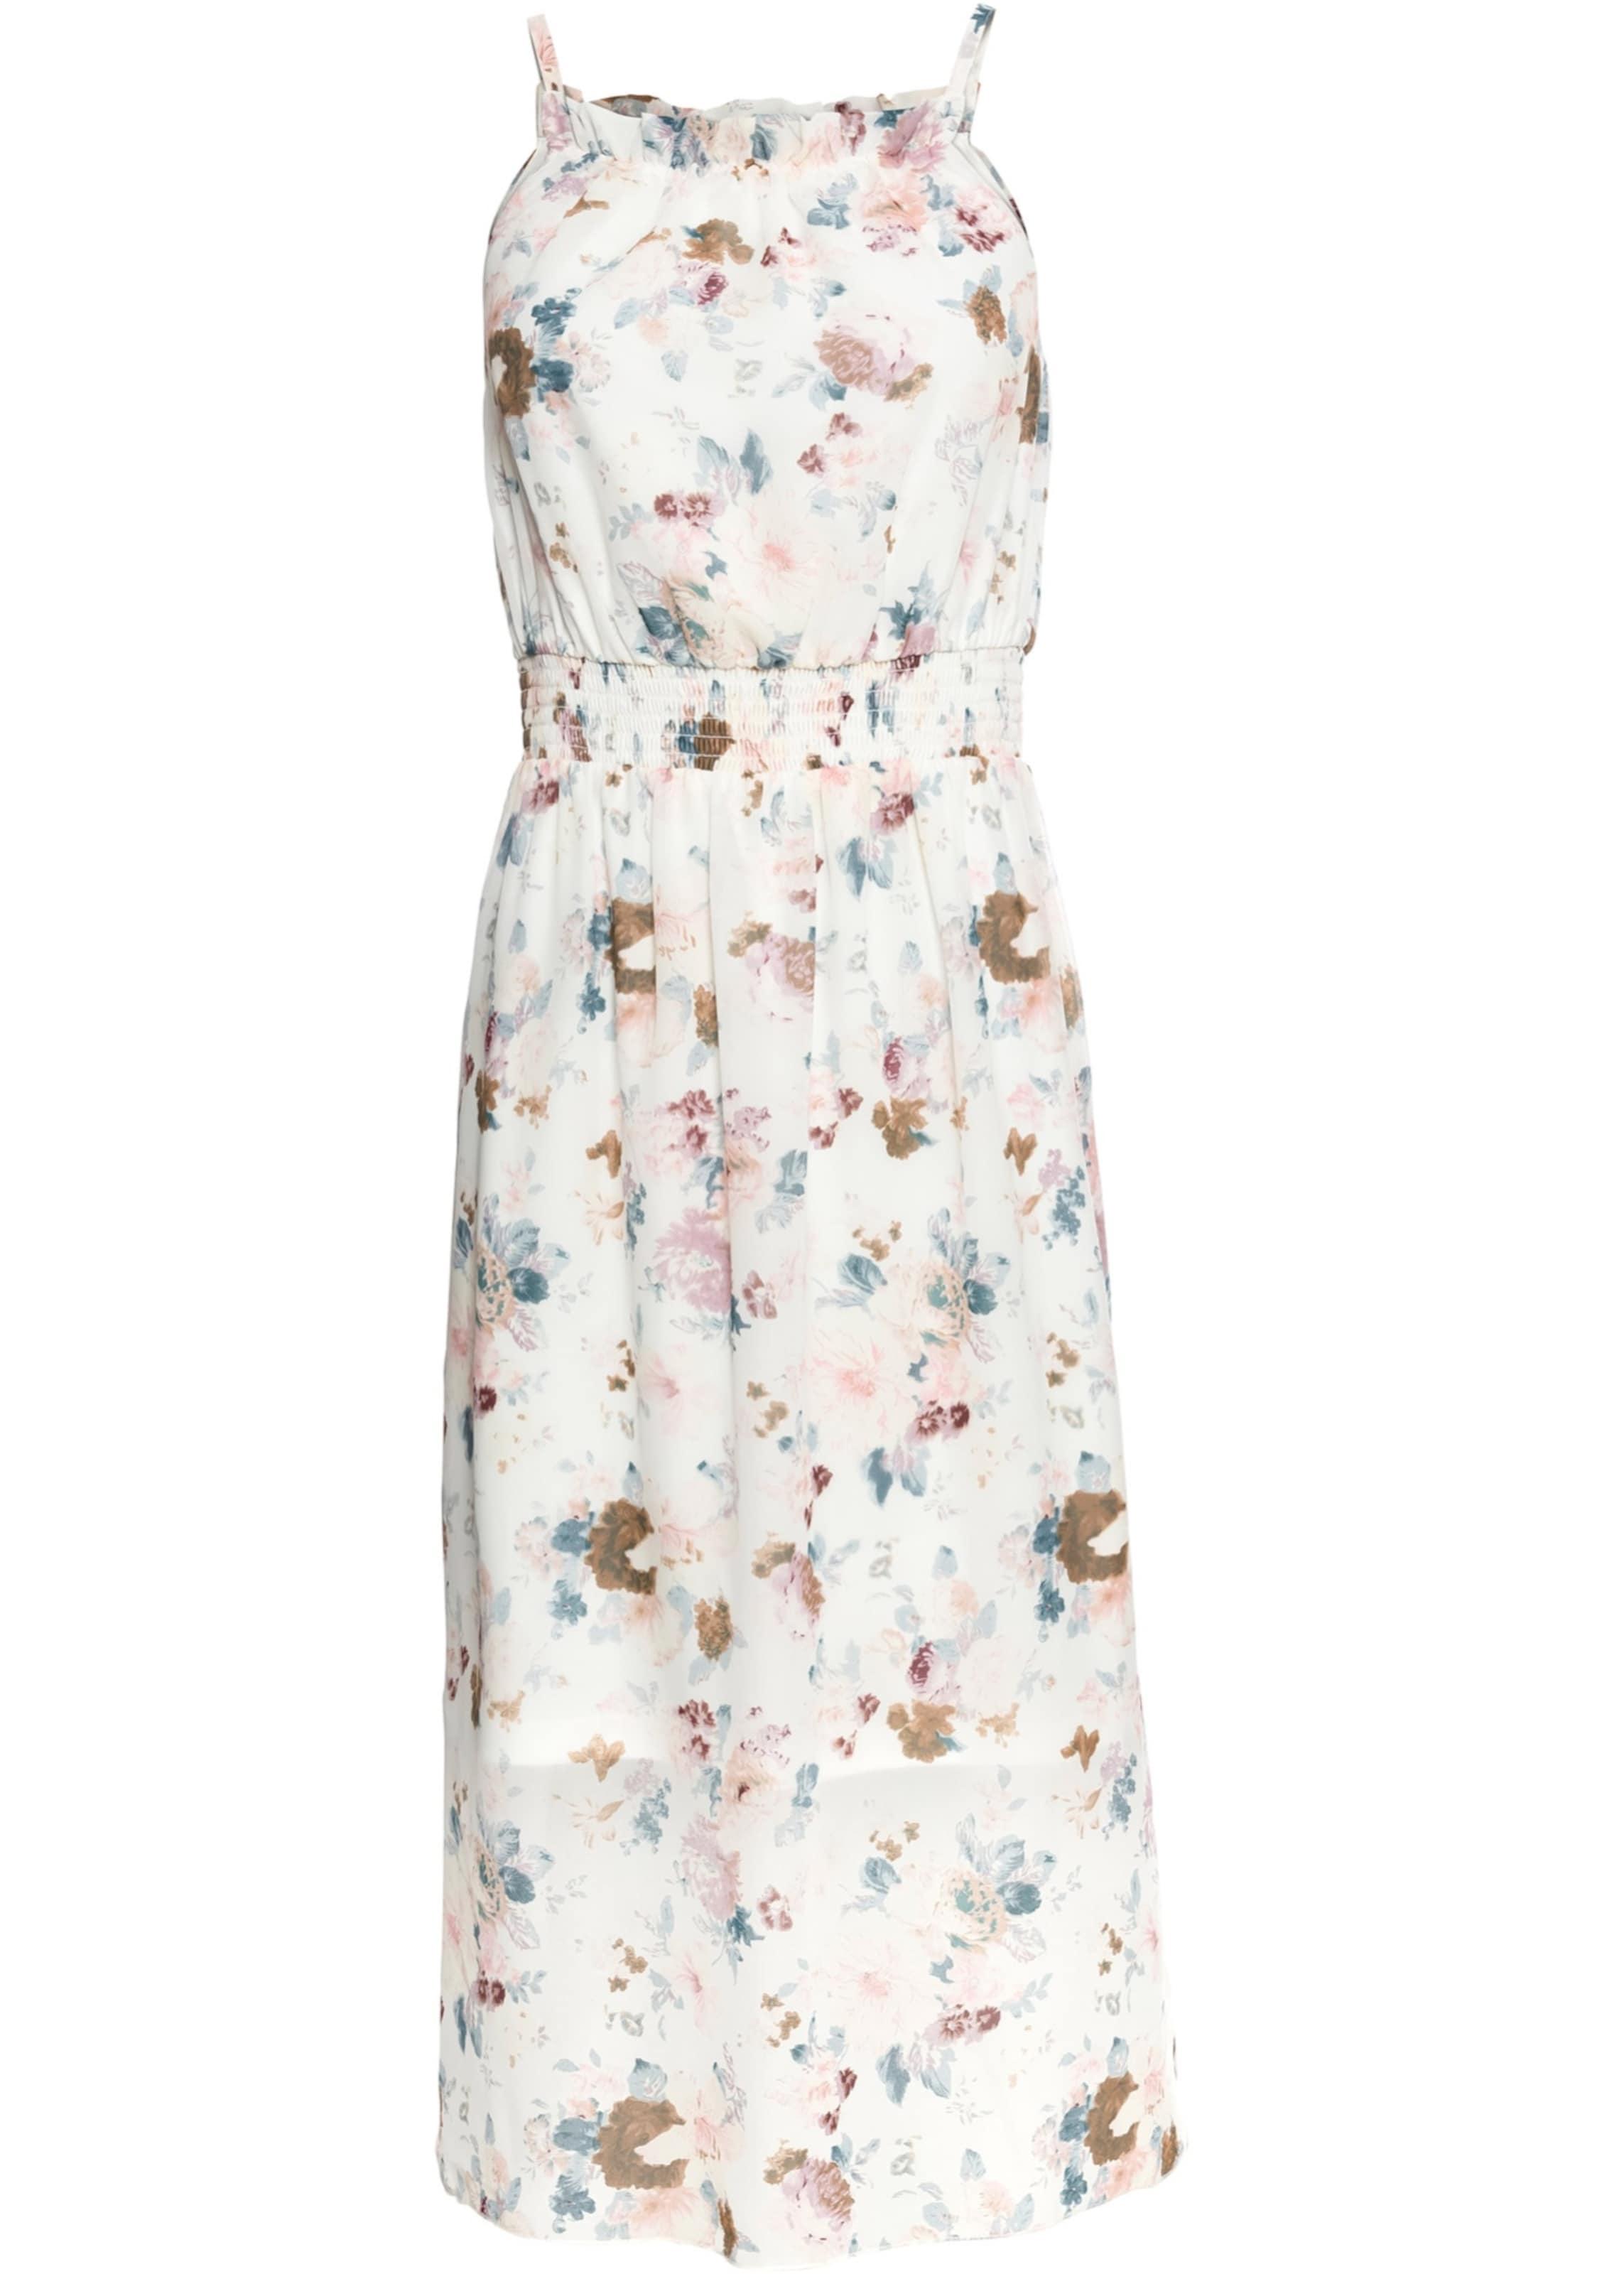 In Kleid Kleid In Bonprix MischfarbenWeiß Bonprix Bonprix MischfarbenWeiß vnmN80w